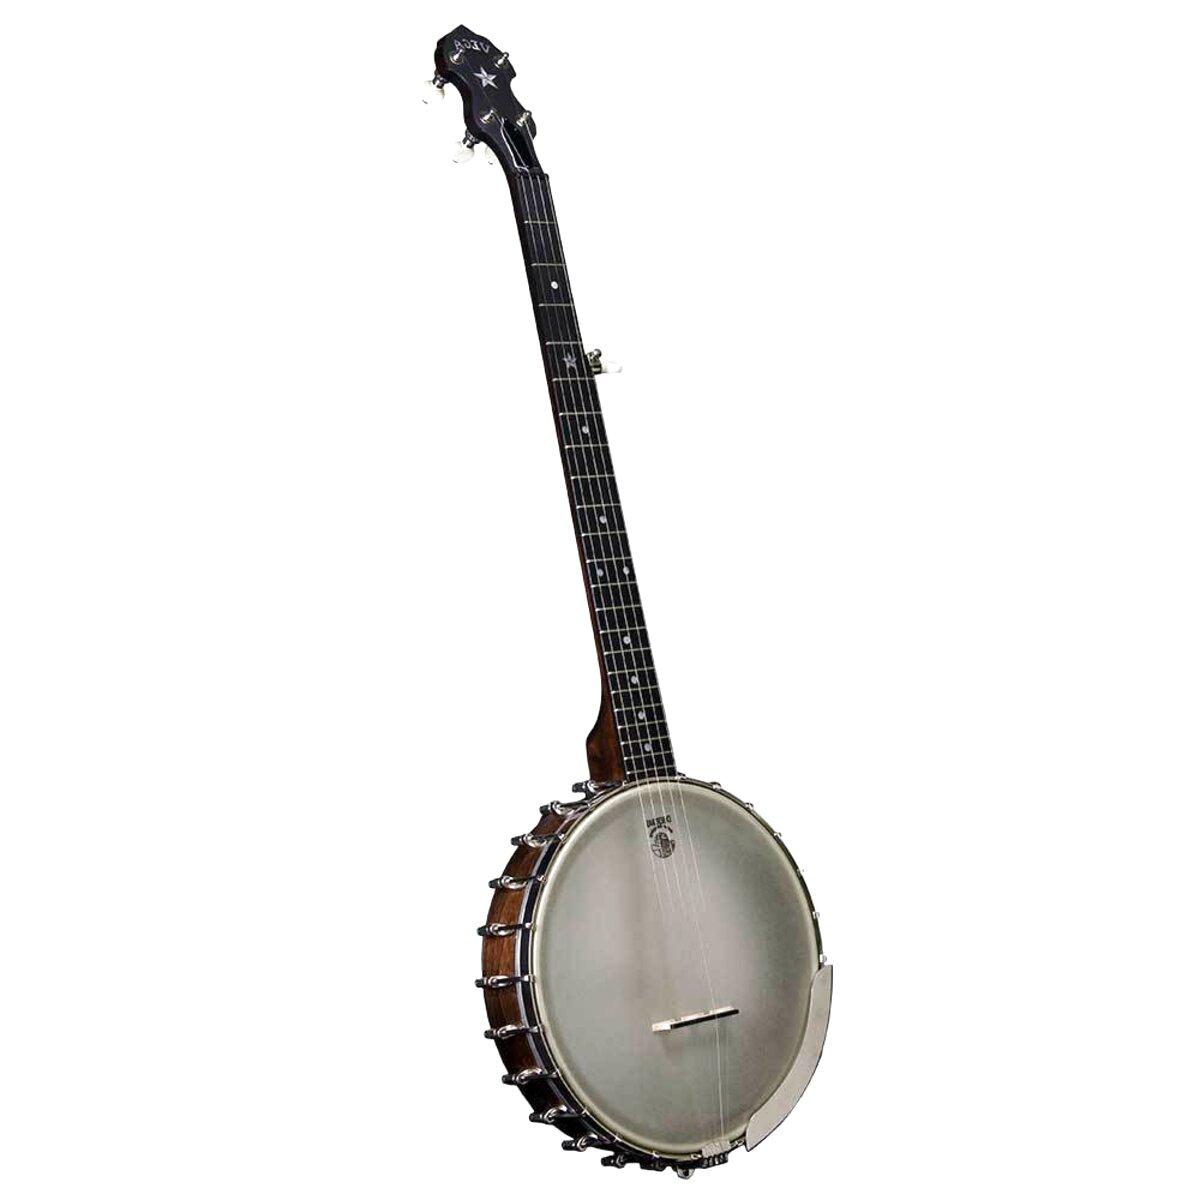 vega 5 string banjo for sale